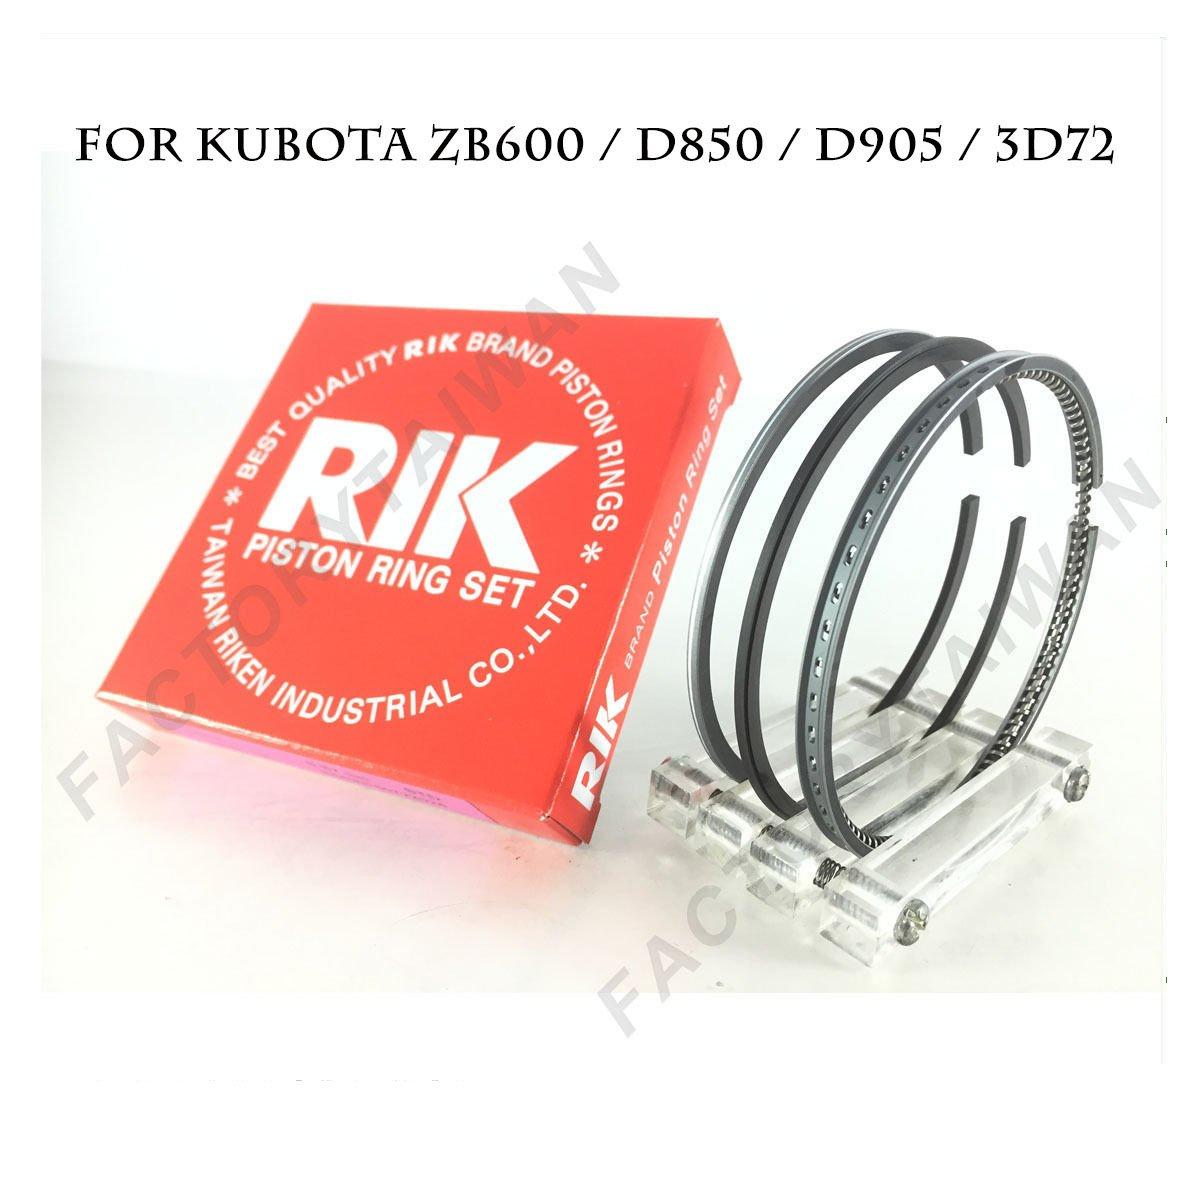 Riken Piston Ring STD 72mm for KUBOTA ZB600 / D850 / D905 / 3D72 / V1205 Riken Taiwan